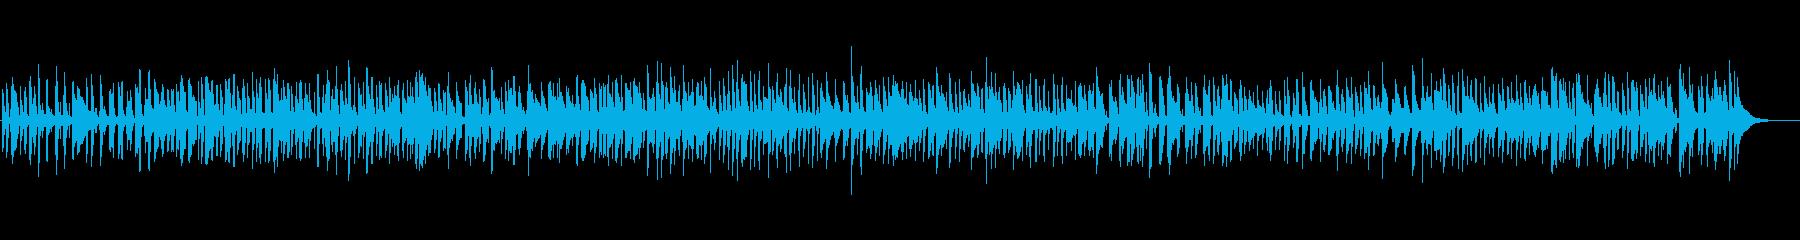 アパレルの店内に似合うBGMの再生済みの波形